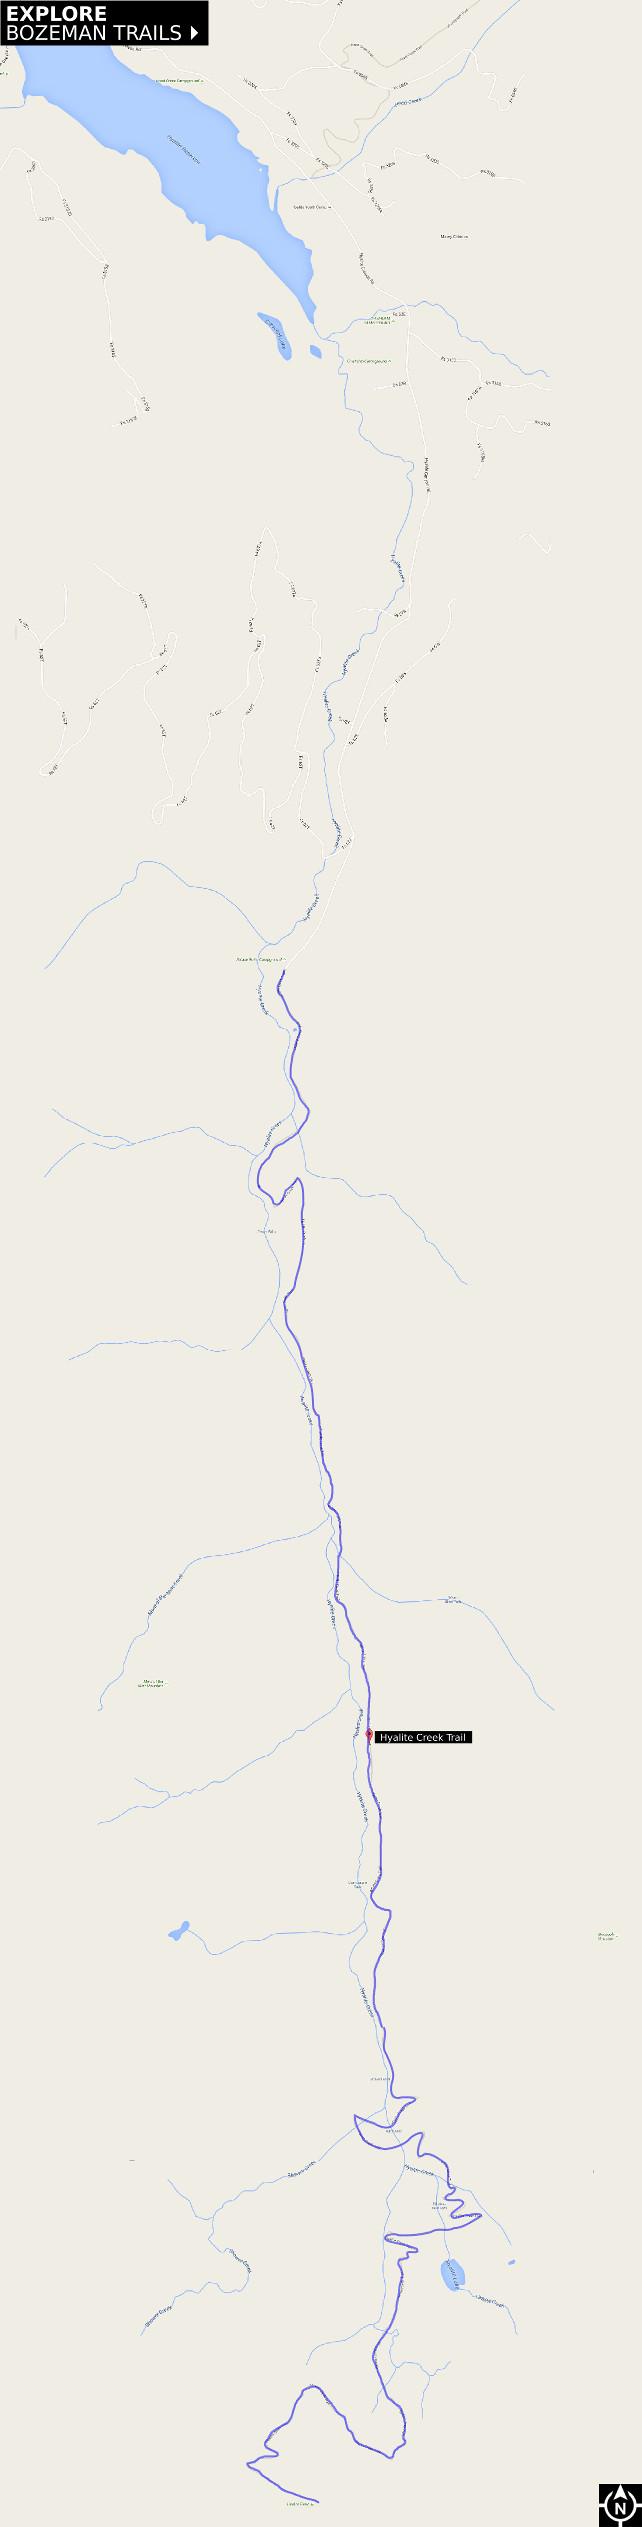 Hyalite Creek Trail - Explore Bozeman